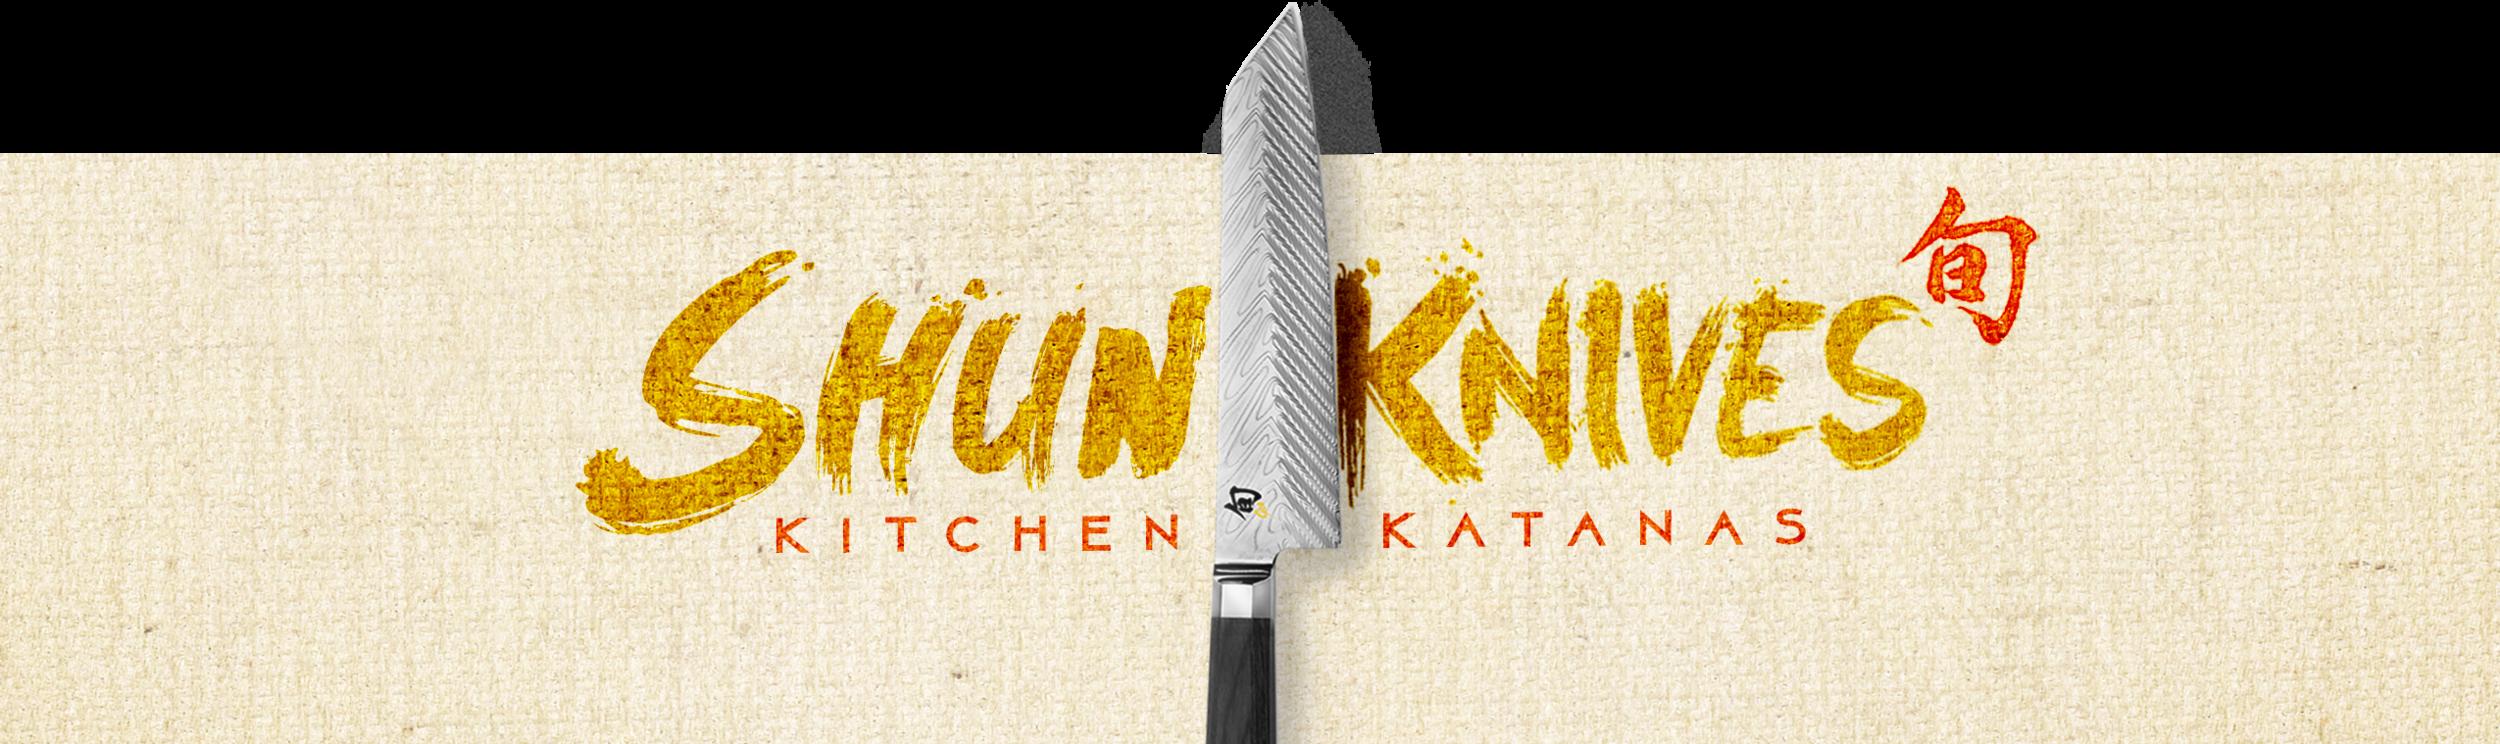 Shun Kitchen Katanas.png